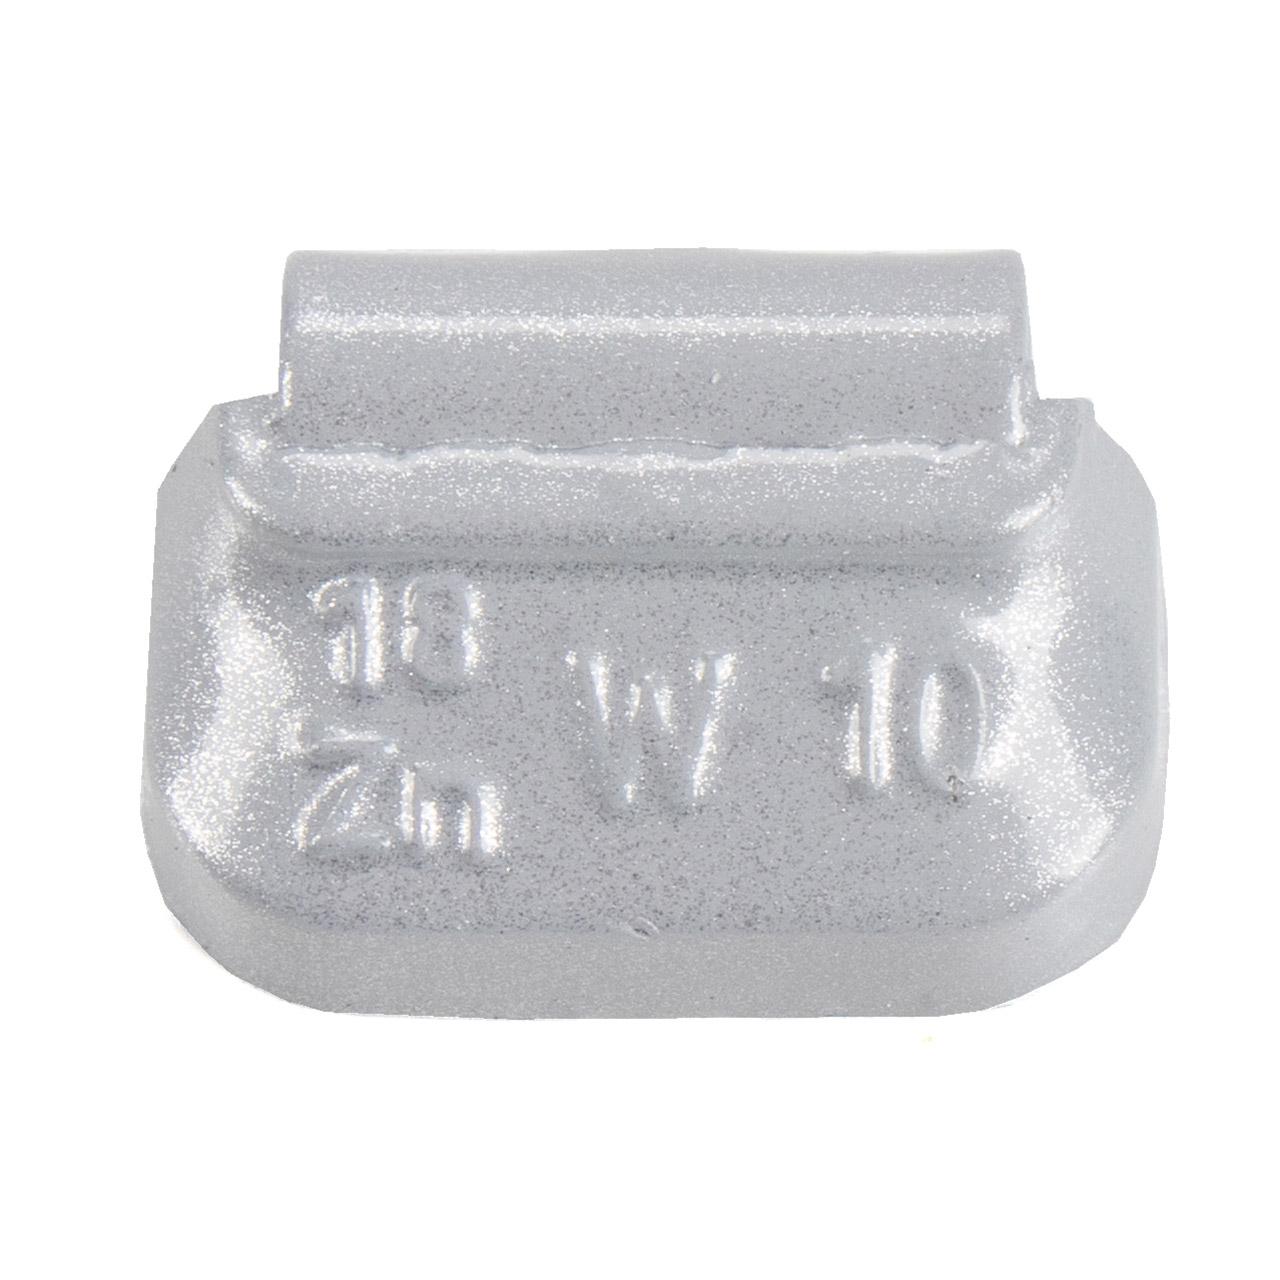 3x 100 Stück 5/10/15g GEMATIC Auswuchtgewicht Schlaggewicht Stahlfelge GRAU-ZINK